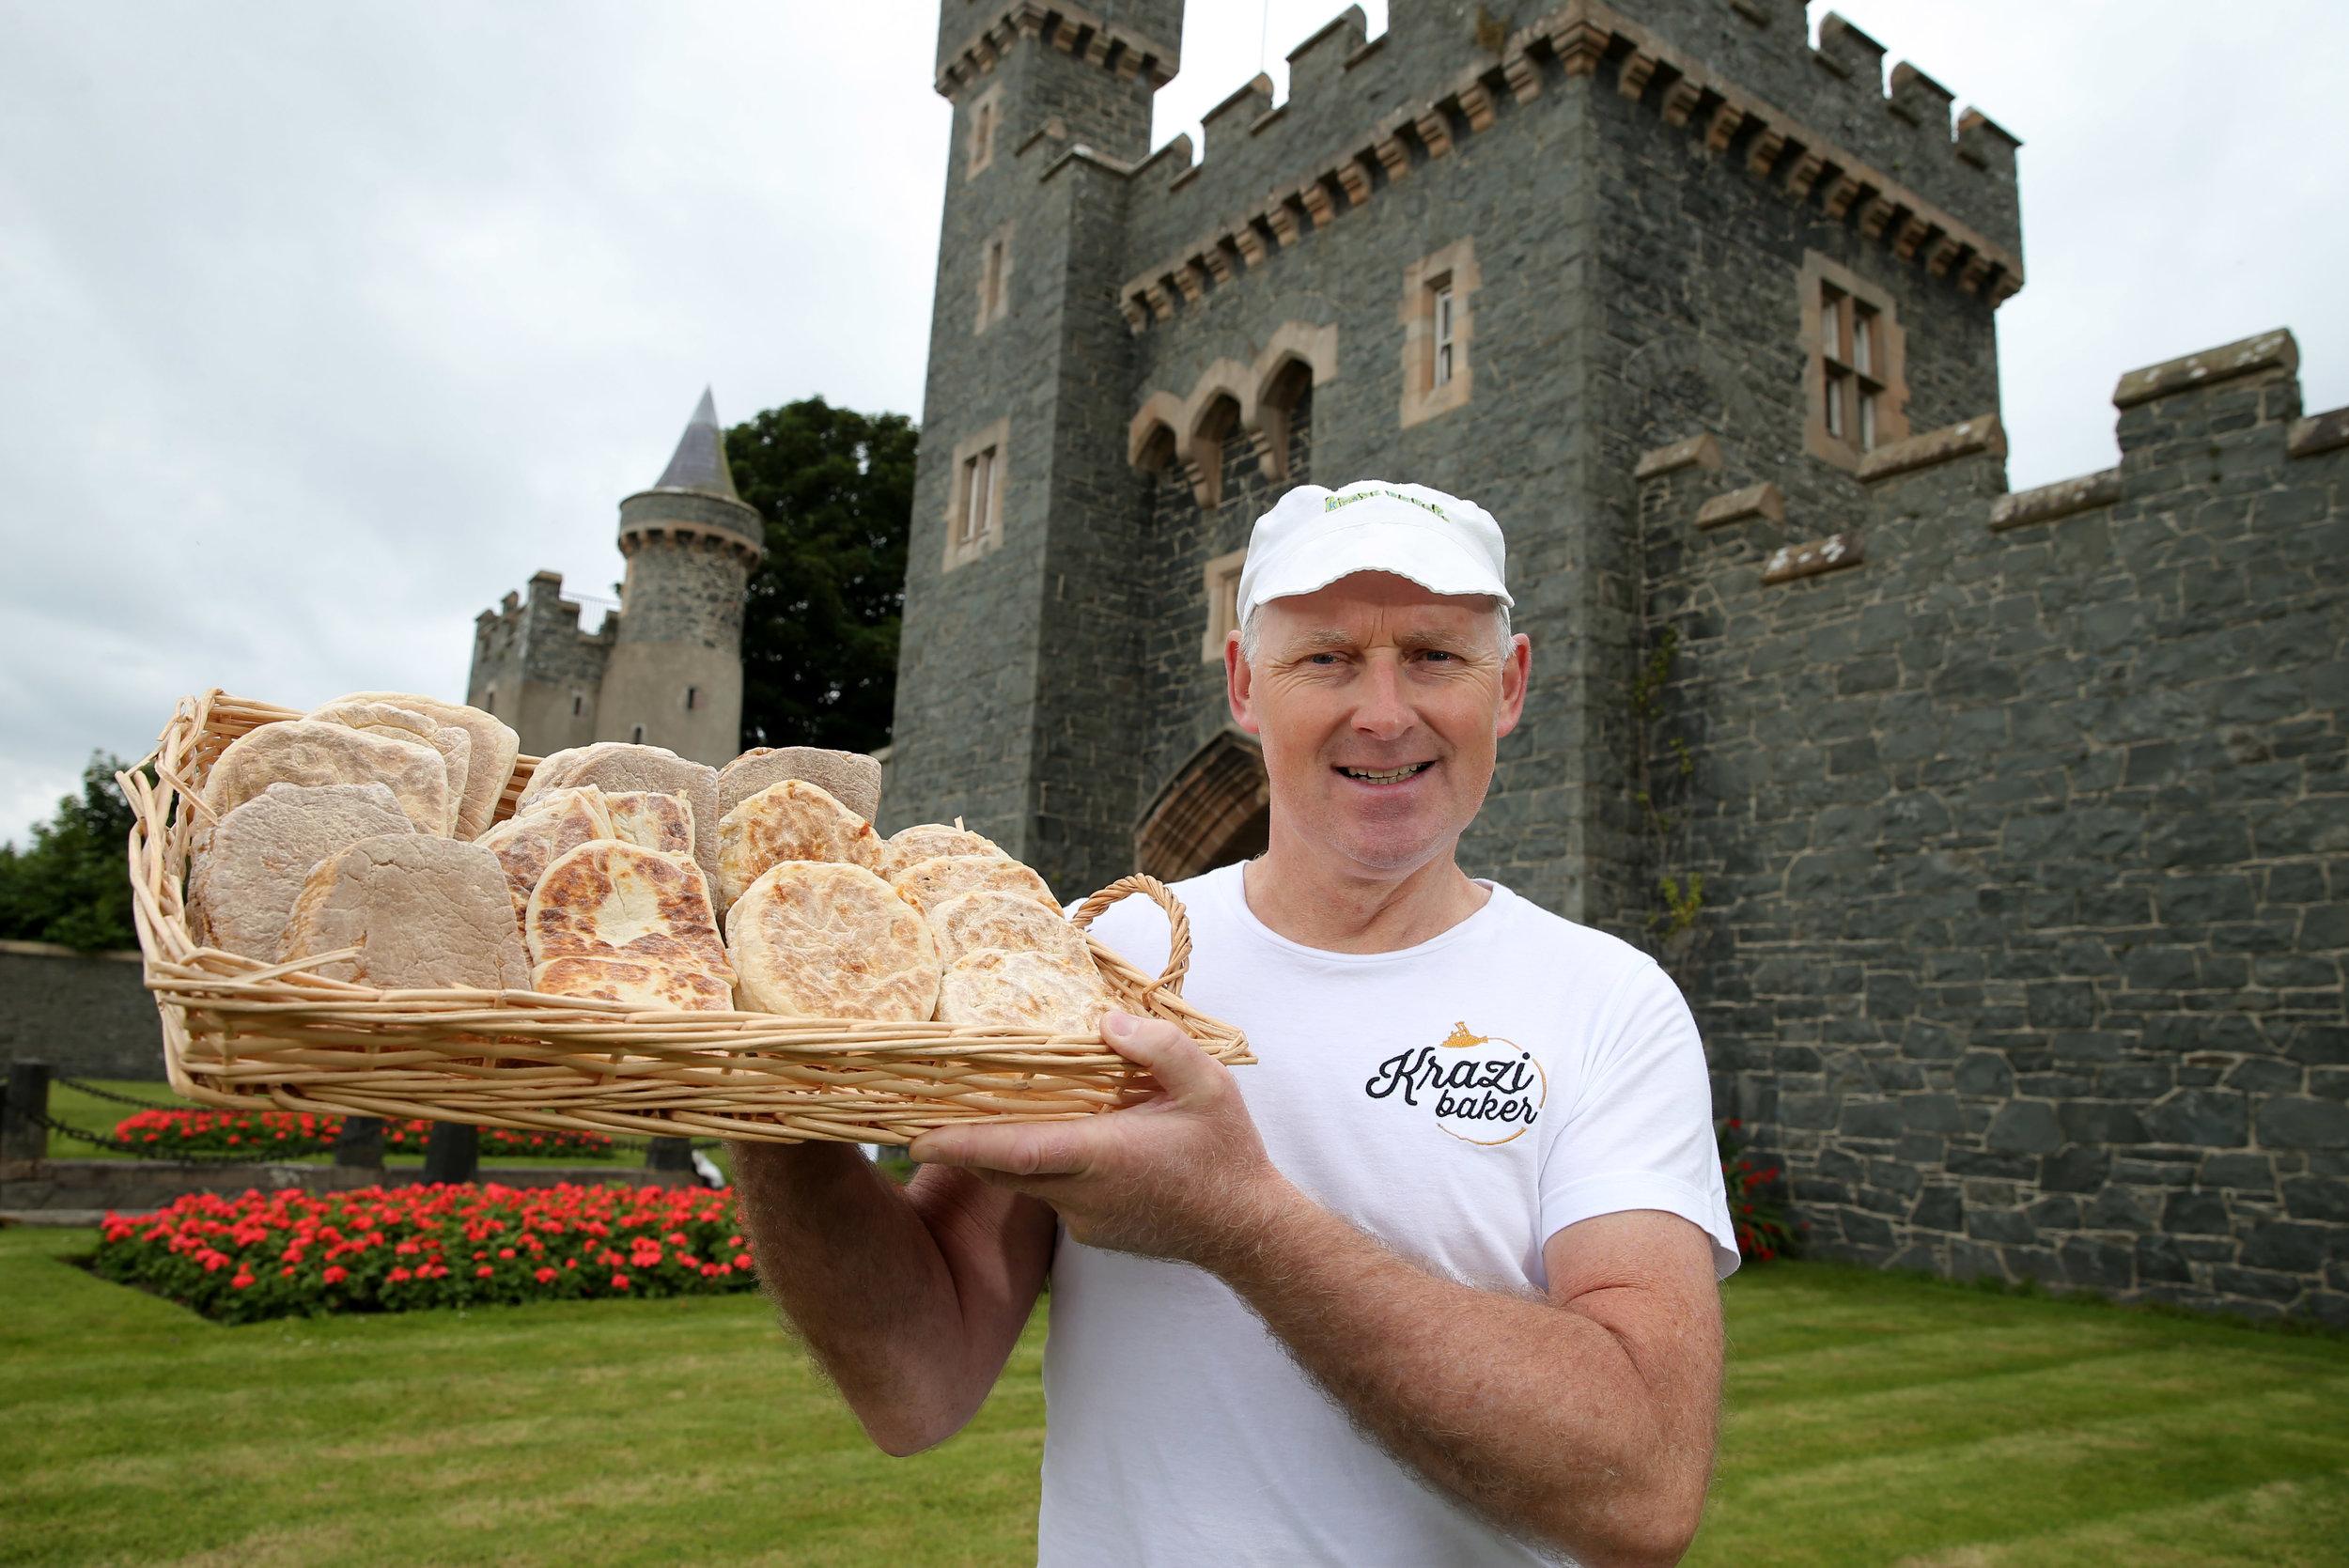 Mark Douglas of The Krazi Baker